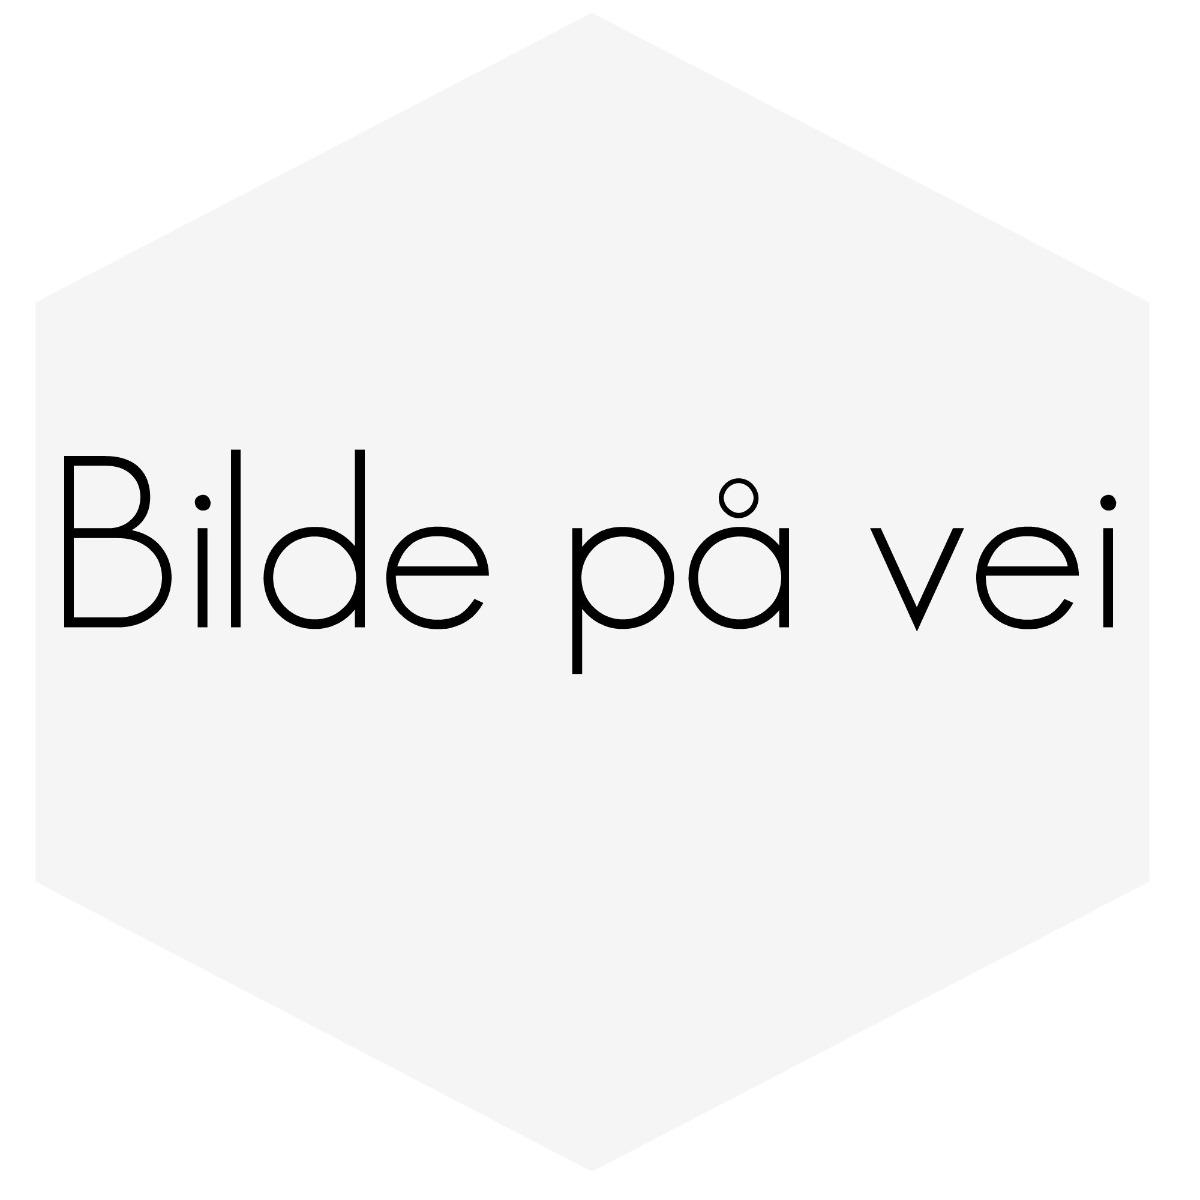 KLIPS/FESTE FOR DØRVINDU 850-S/V70 MFL. 9152606